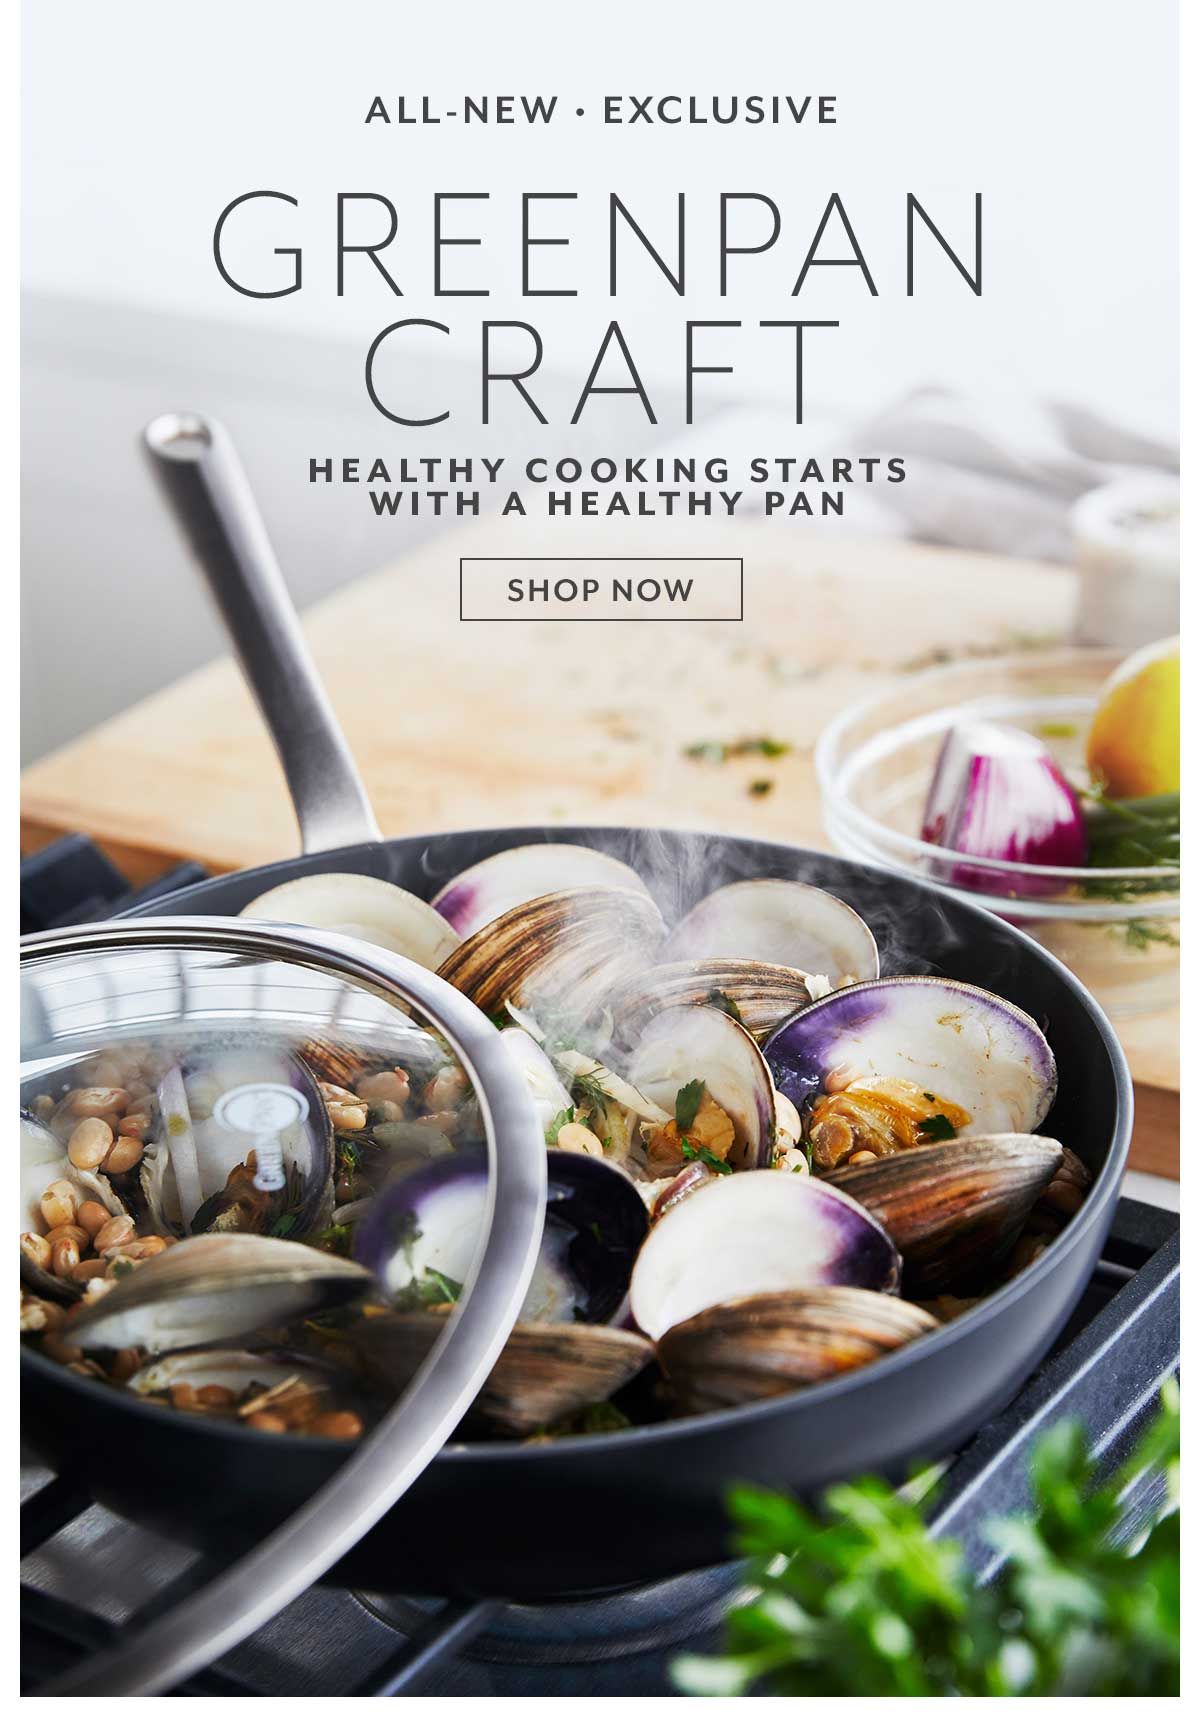 GreenPan Craft